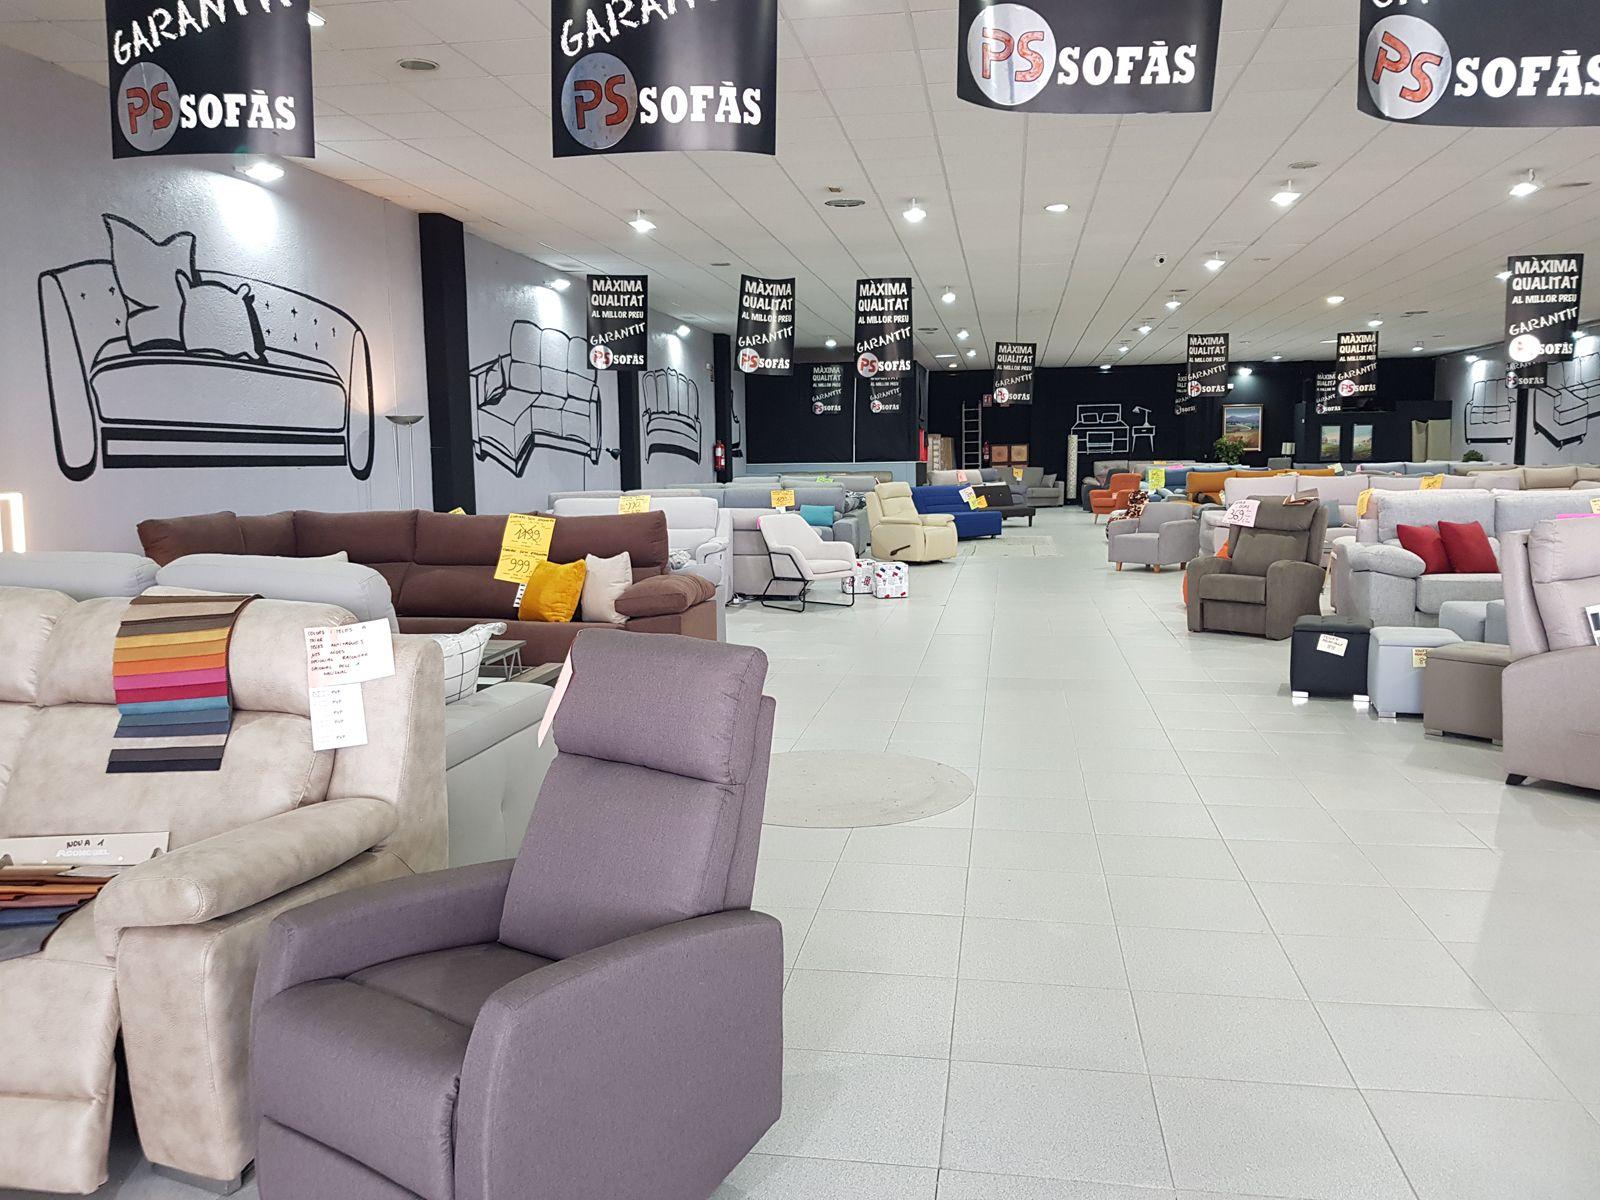 Tienda de sofás en Vilafranca